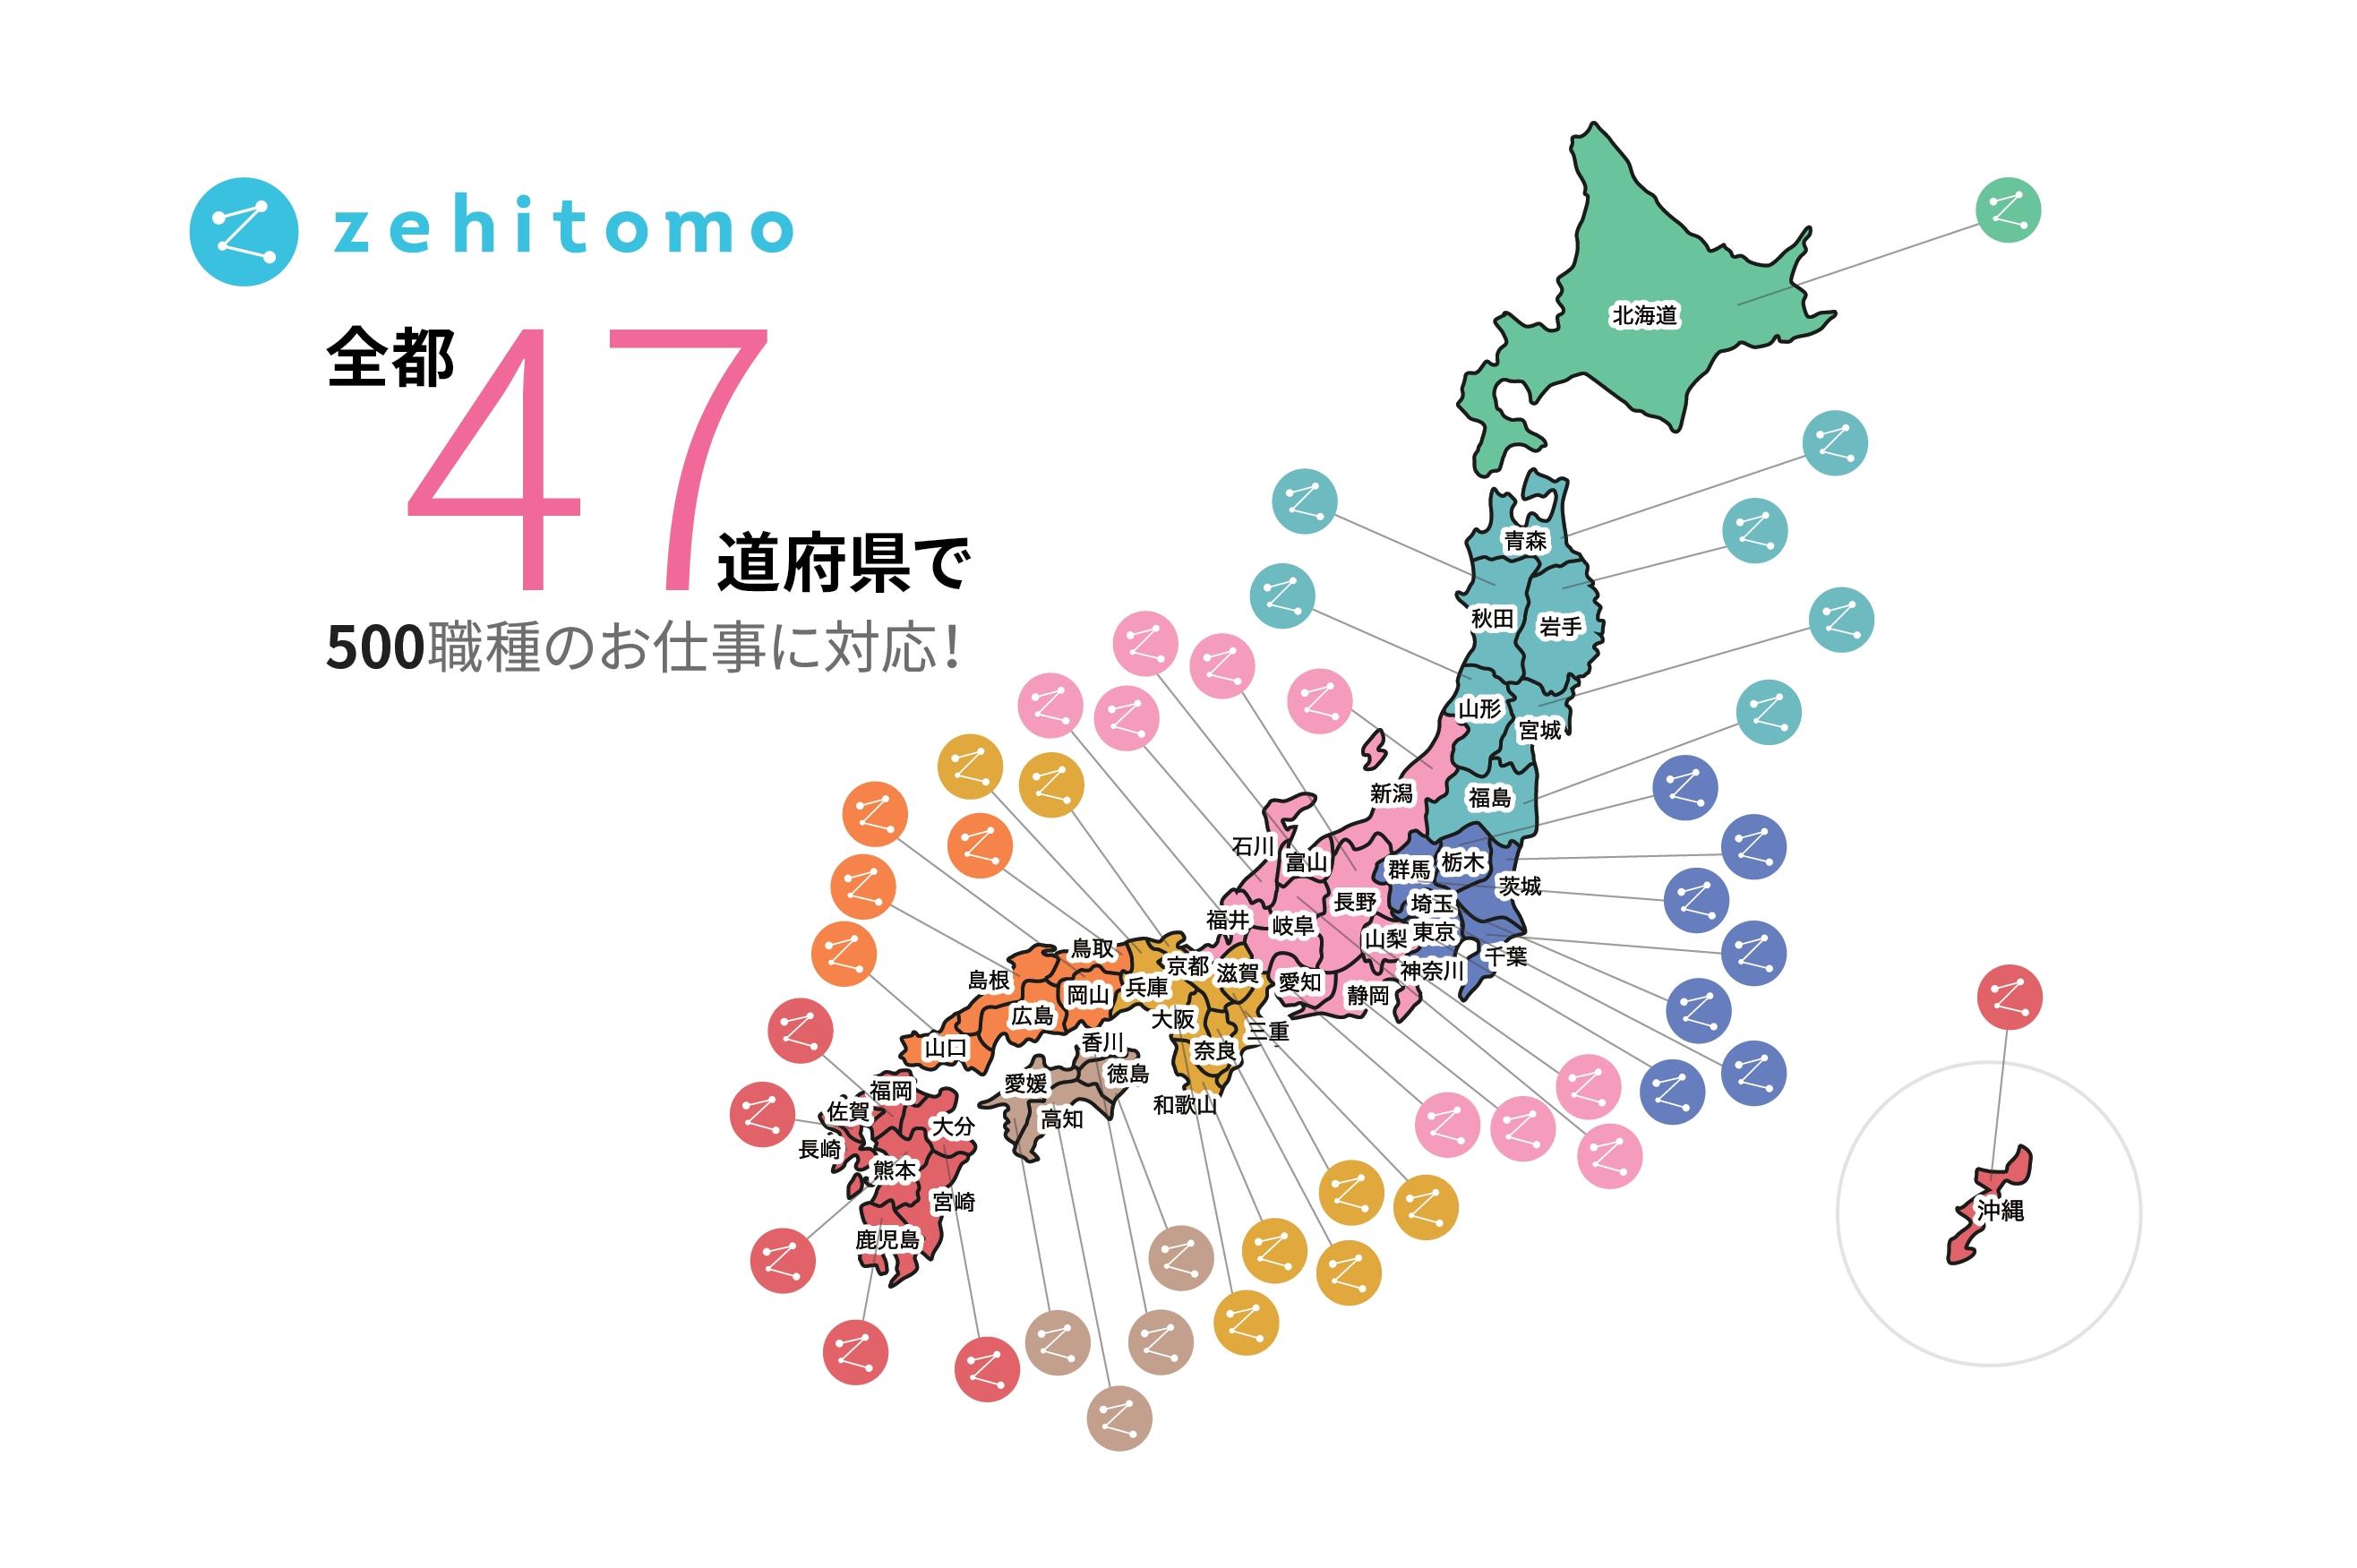 フリーランスや中小企業向け「顧客獲得プラットフォーム」Zehitomo(ゼヒトモ)が、対象エリアを全47都道府県に拡大!